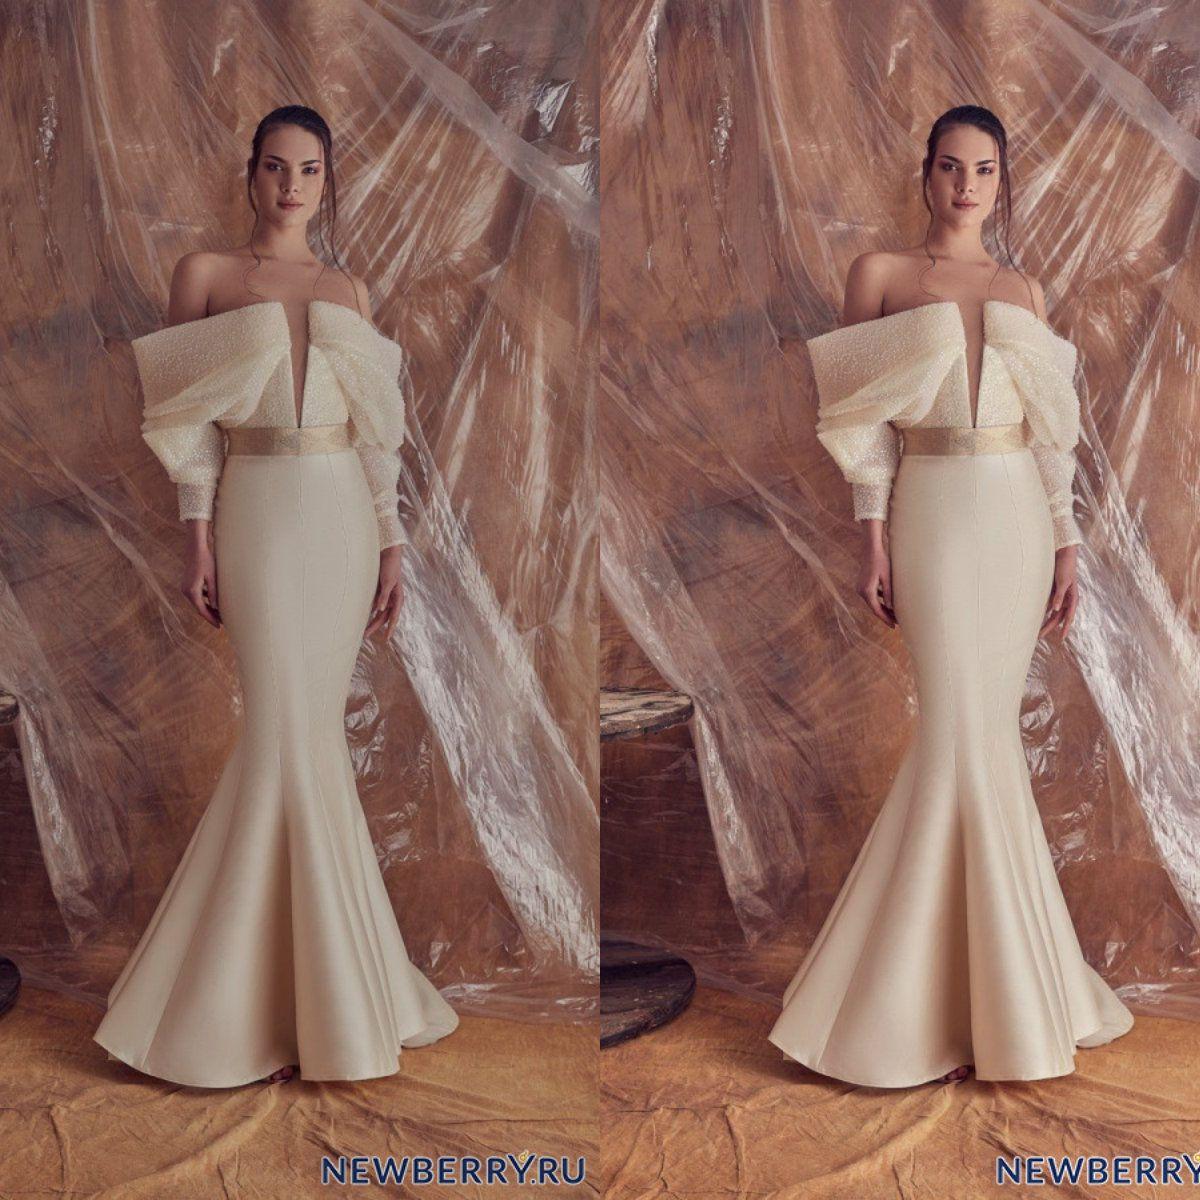 Elegant Long Sleeve Evening Dresses Off The Shoulder Floor Length Zuhair Murad Prom Dress Custom Made Formal Party Vestidos De Novia